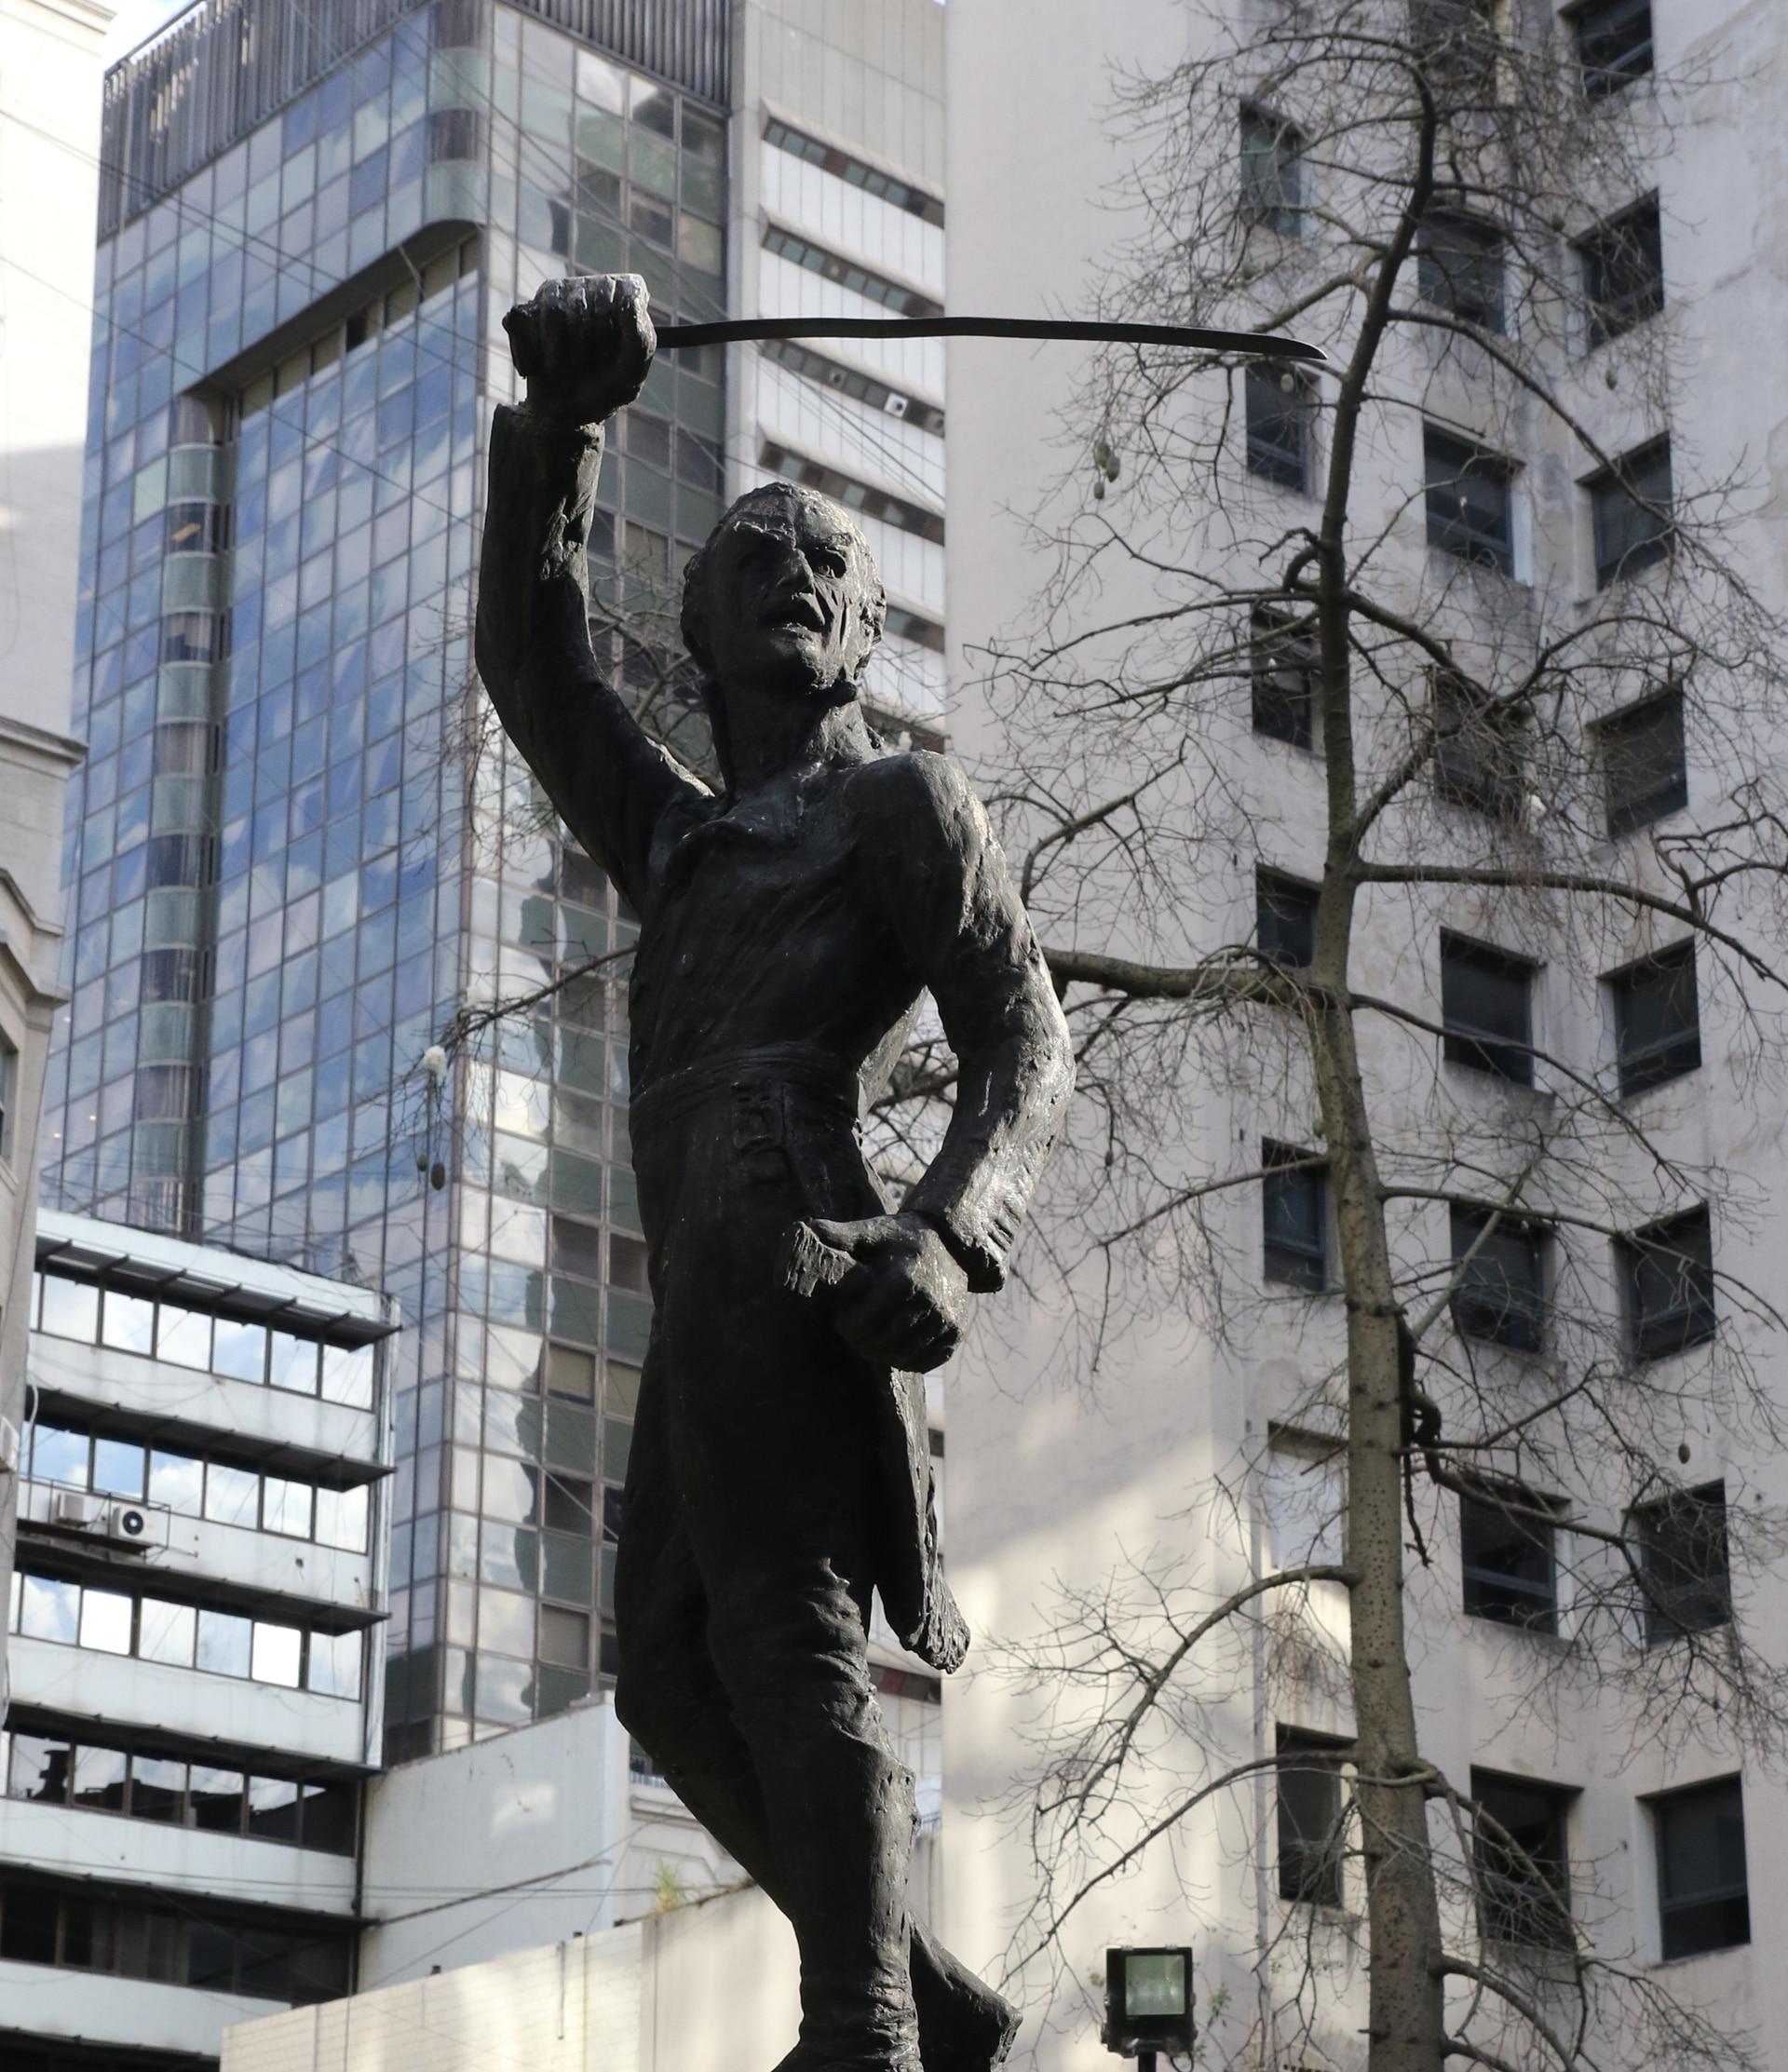 La estatua de Santiago de Liniers en la plazoleta San Nicolás.